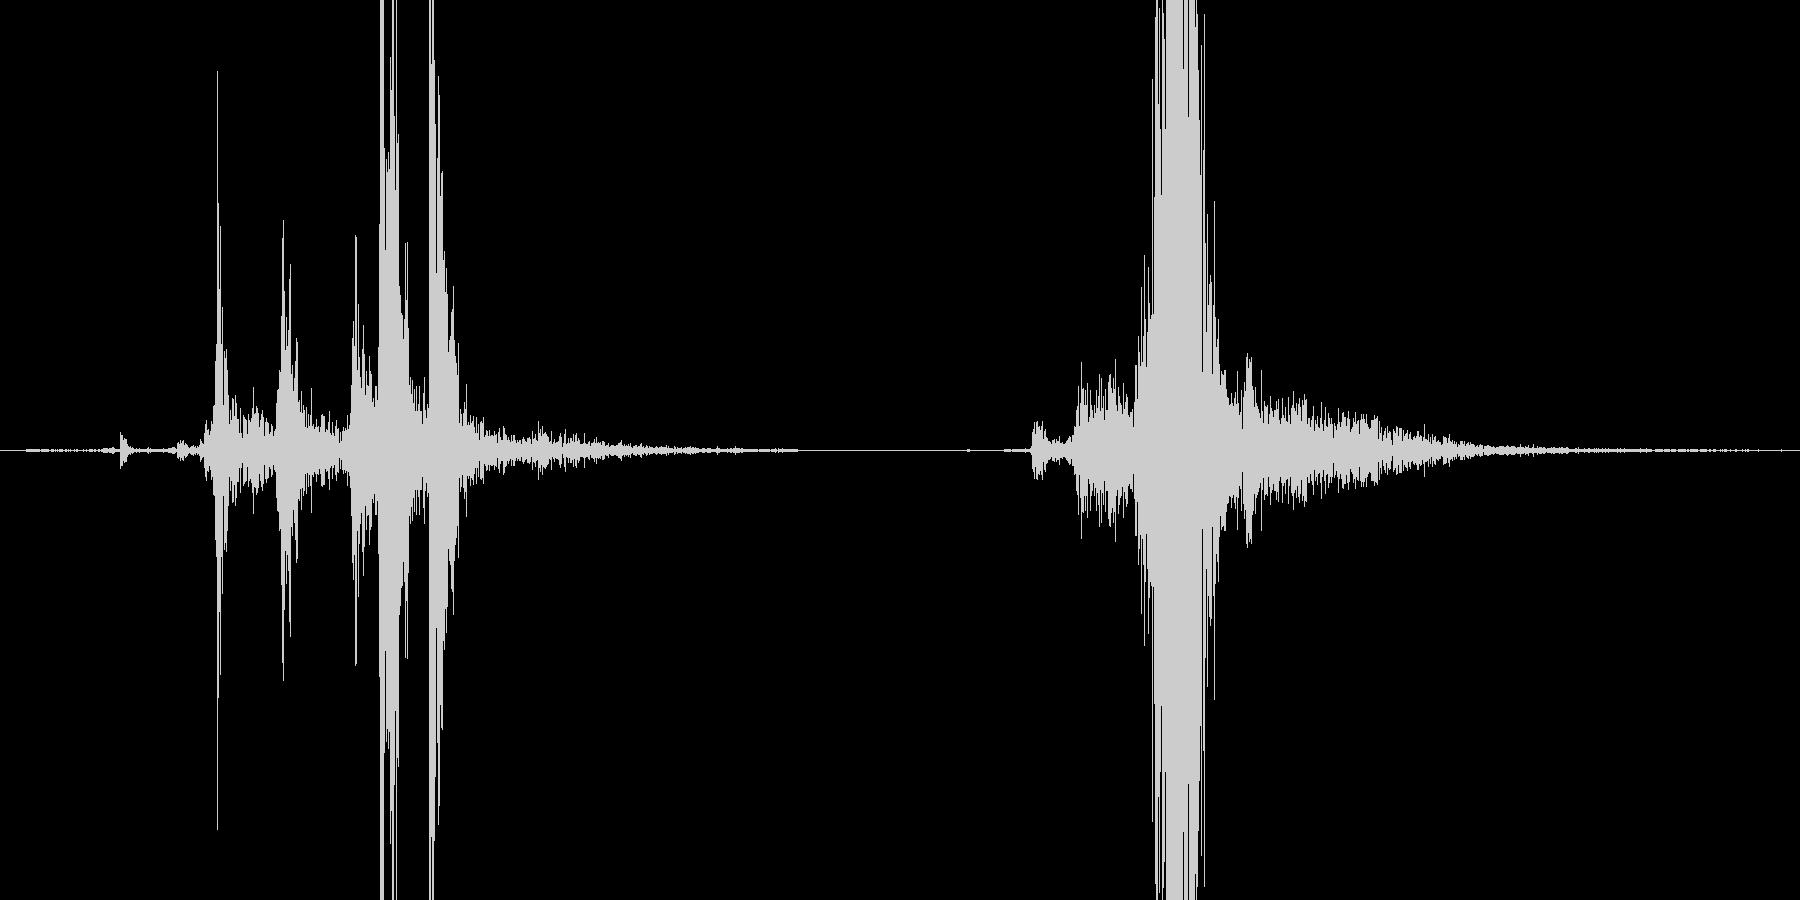 マシンガンのコッキング音の未再生の波形